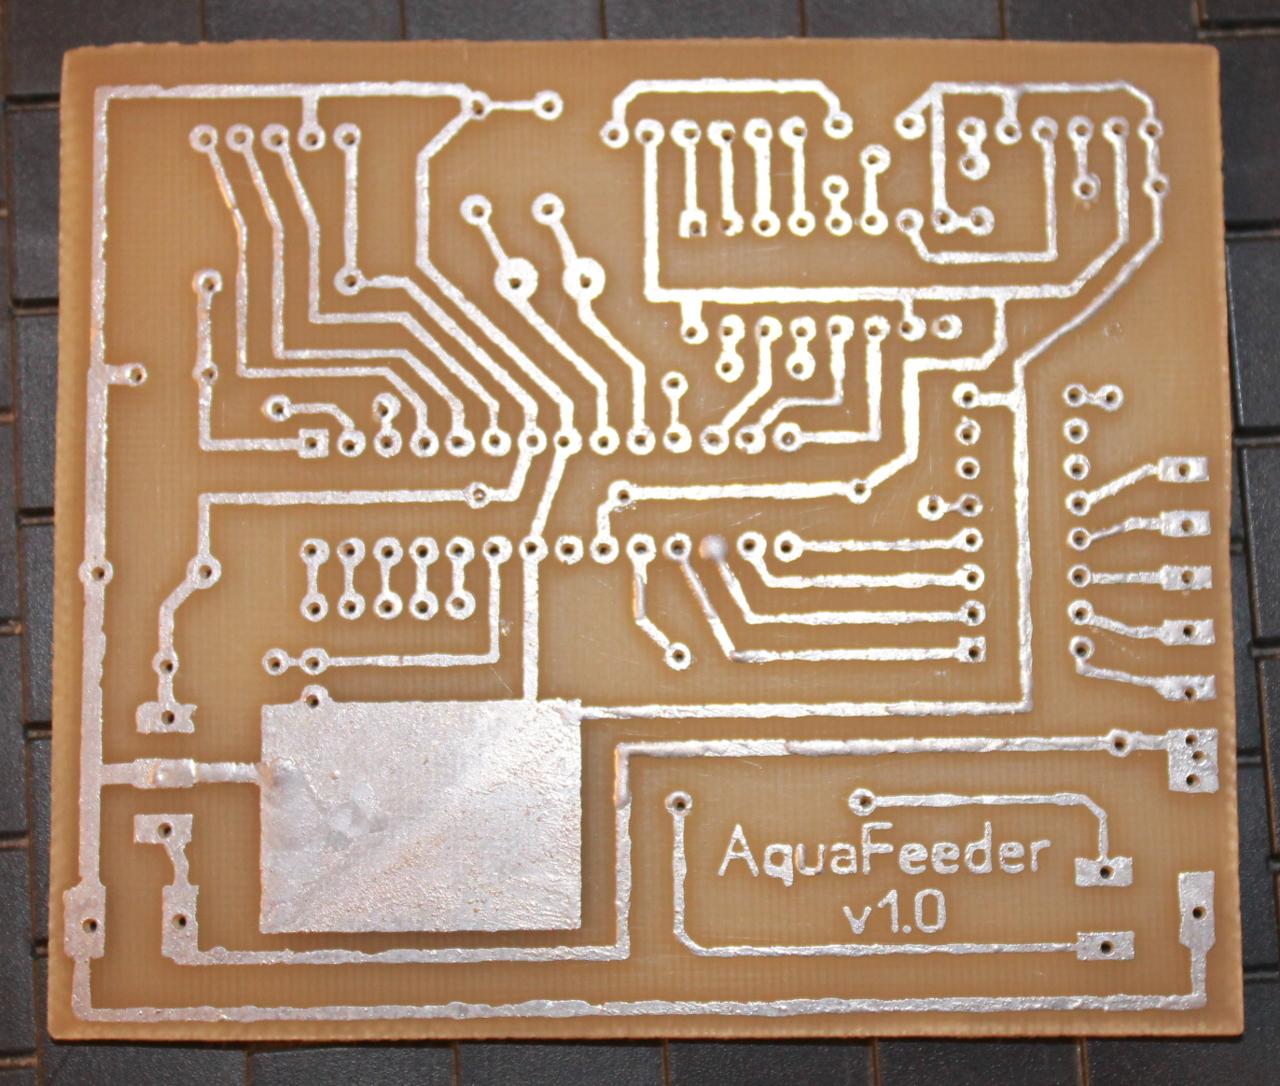 Контроллер для аквариума без Arduino - 4